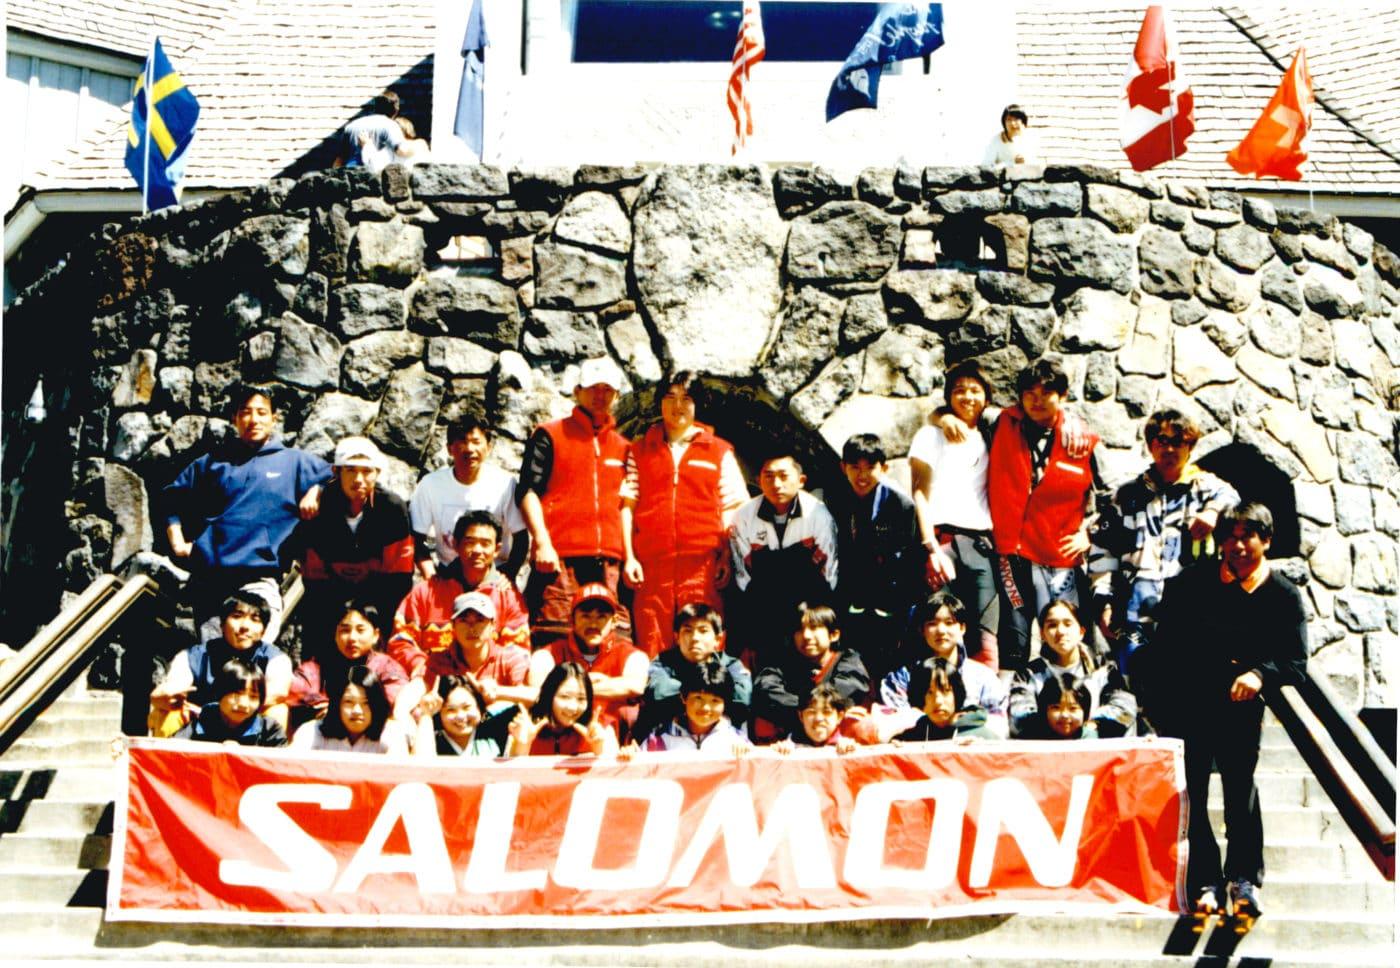 SALOMON レーシングチーム